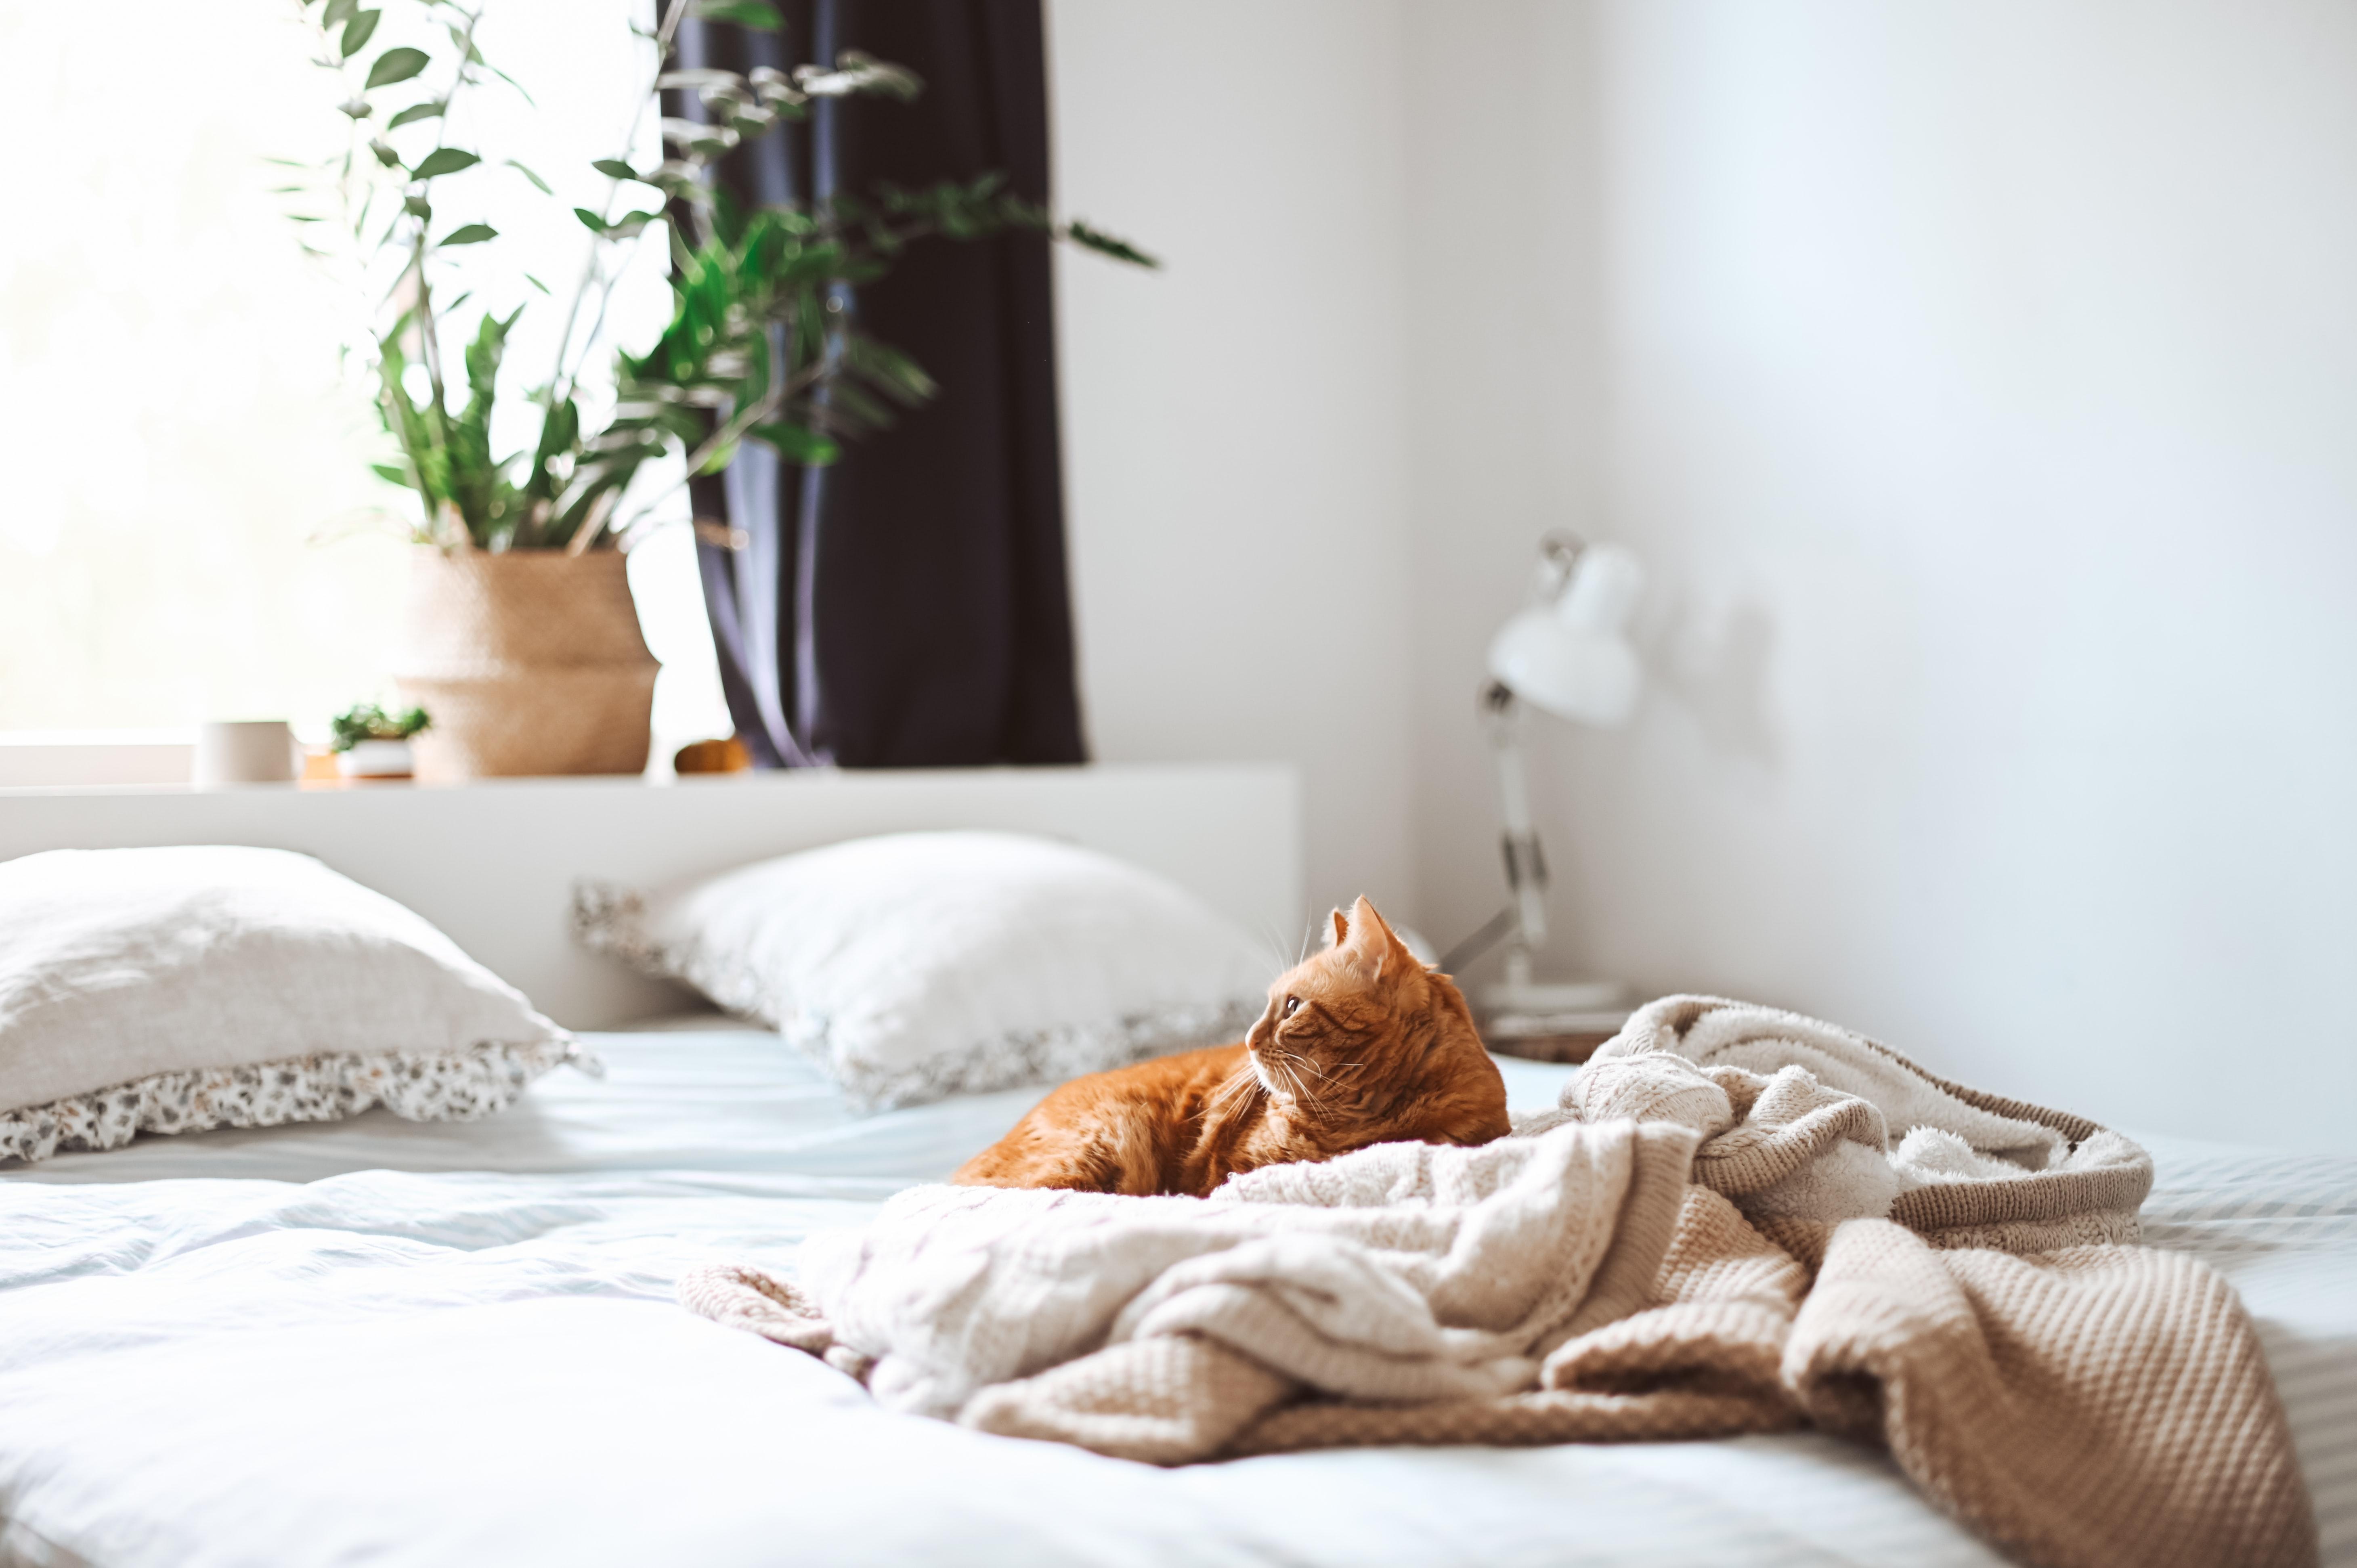 ベッドをDIYで手作りしよう!簡単に安く作れる自作アイデアをまとめて紹介!